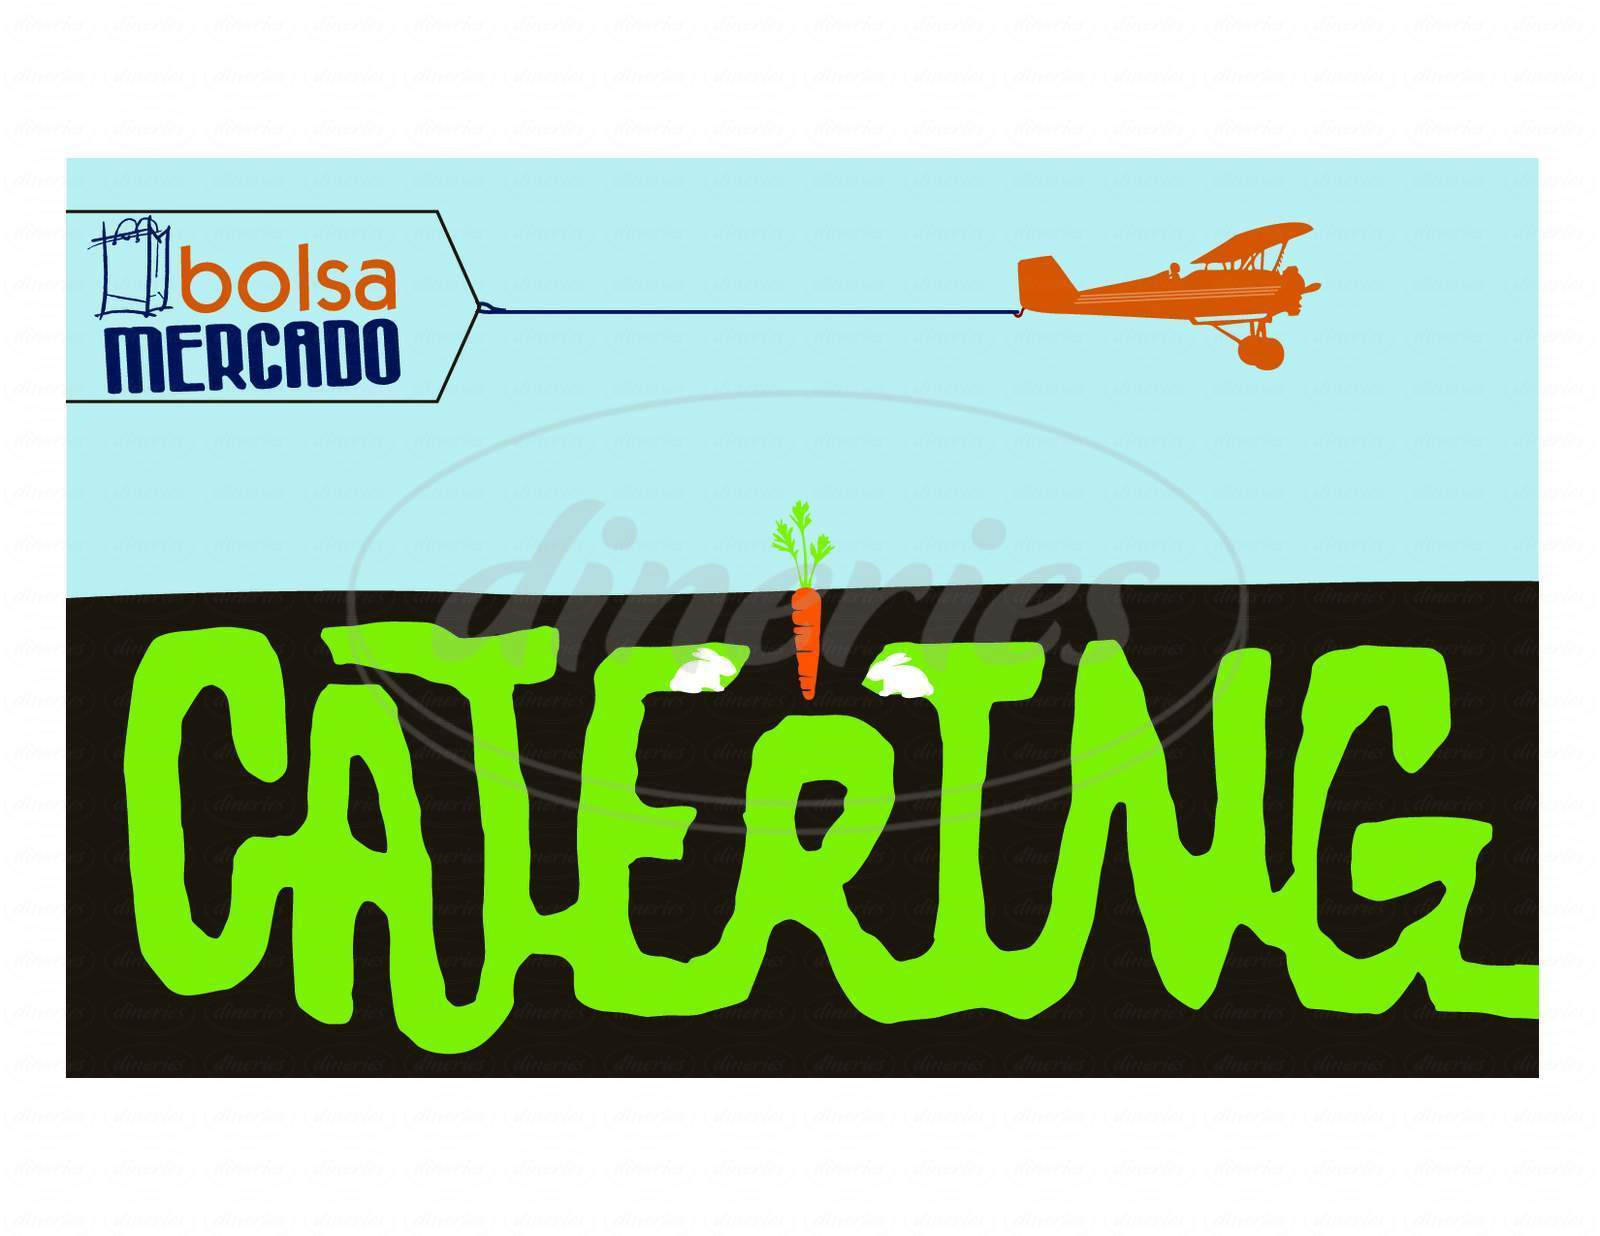 menu for Bolsa